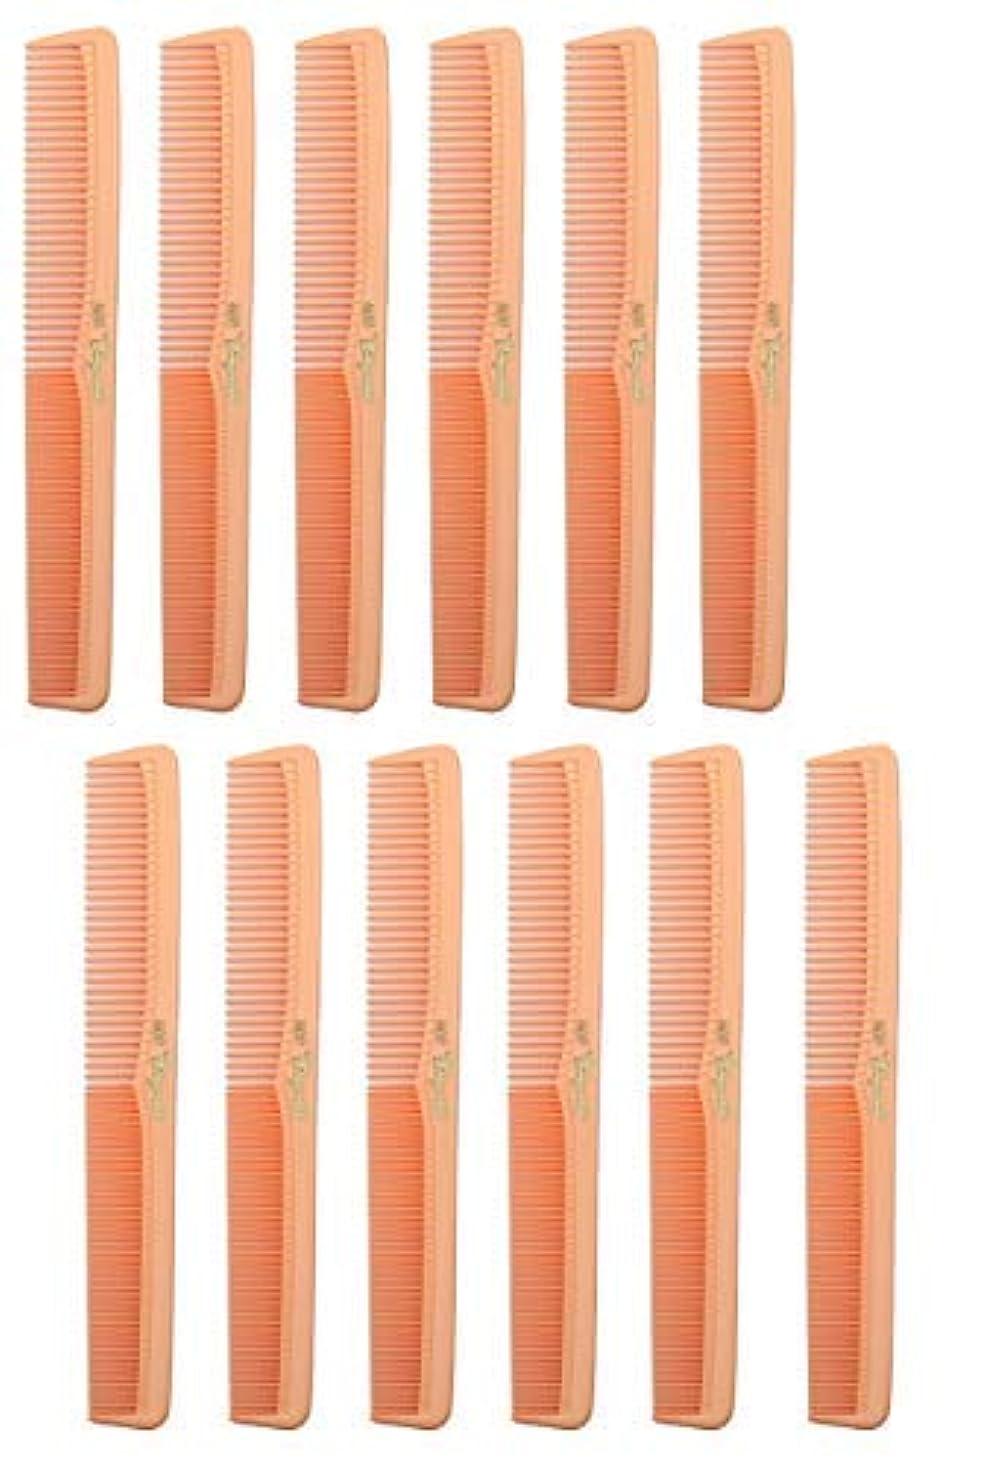 アイスクリーム手段広々とした7 inch All Purpose Hair Comb. Hair Cutting Combs. Barber's & Hairstylist Combs. Coral Peach. 12 Units. [並行輸入品]